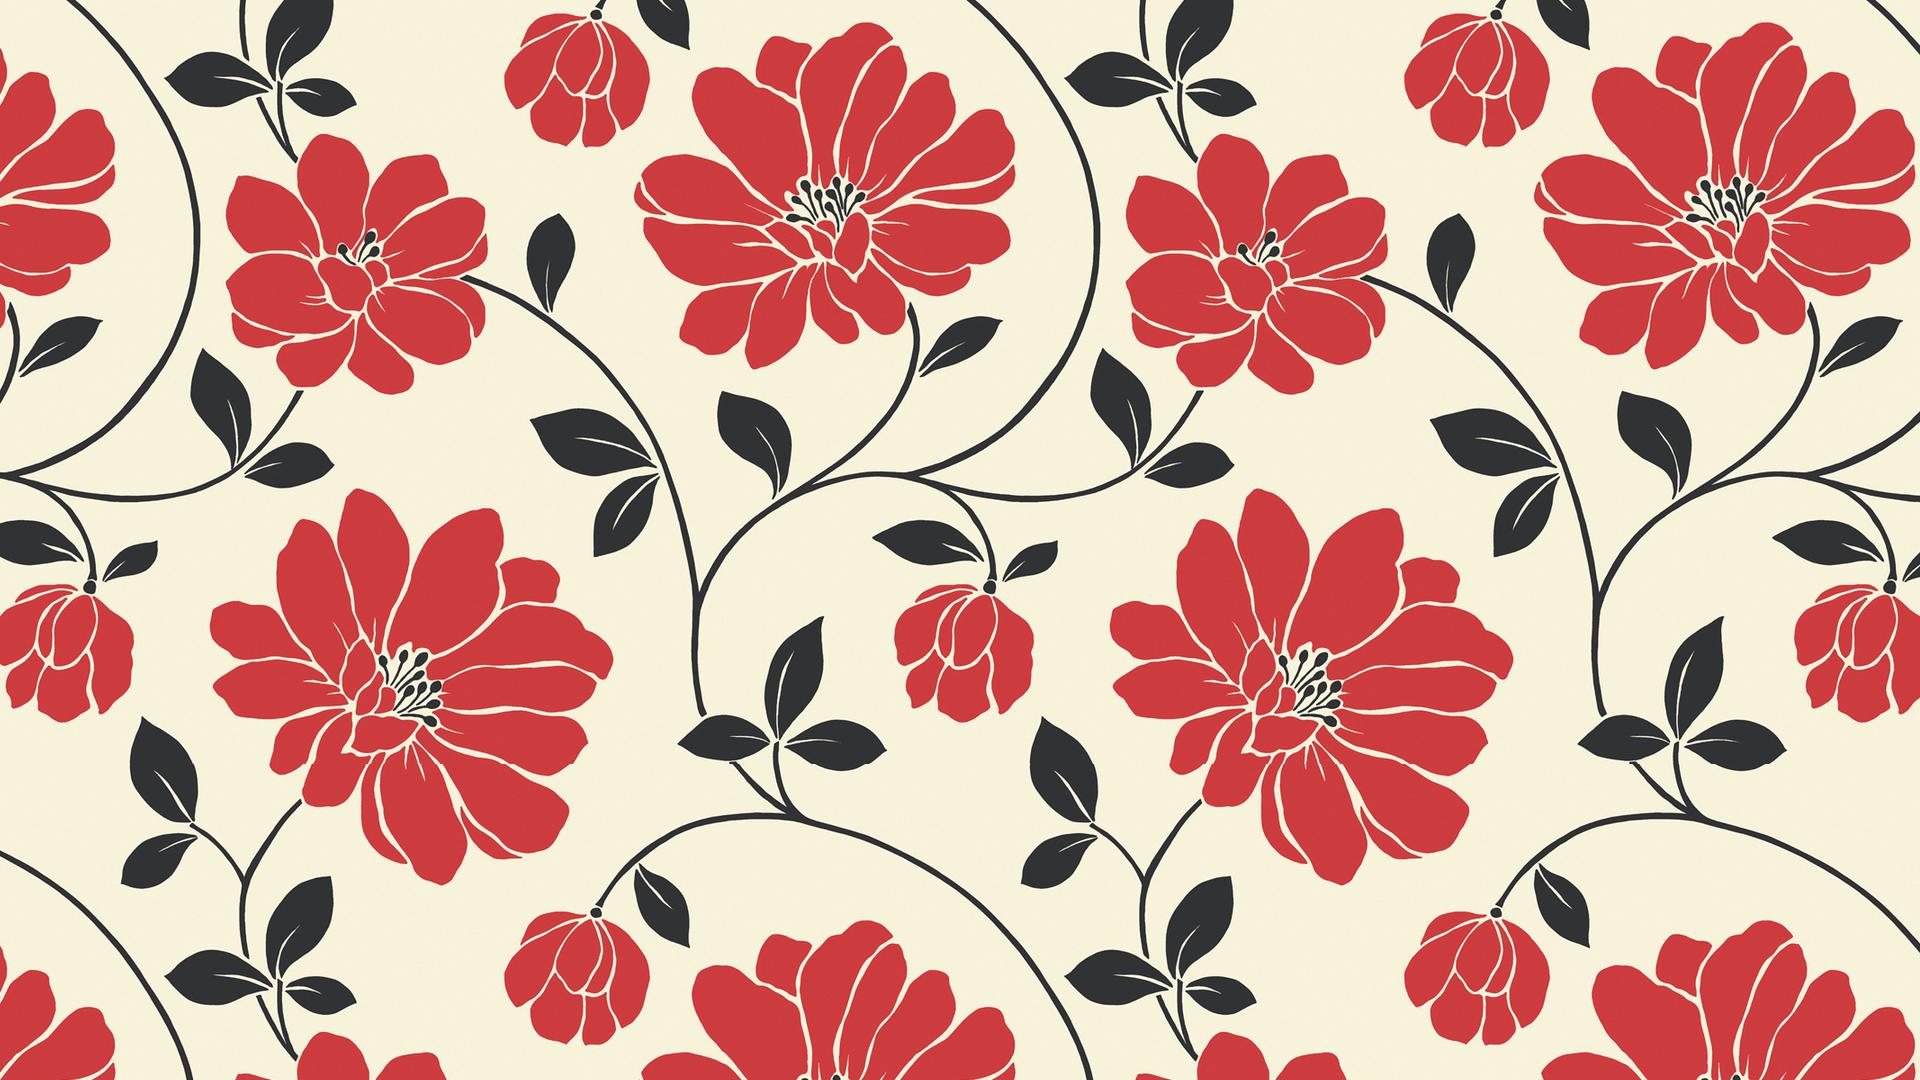 flower wallpaper tumblr 16